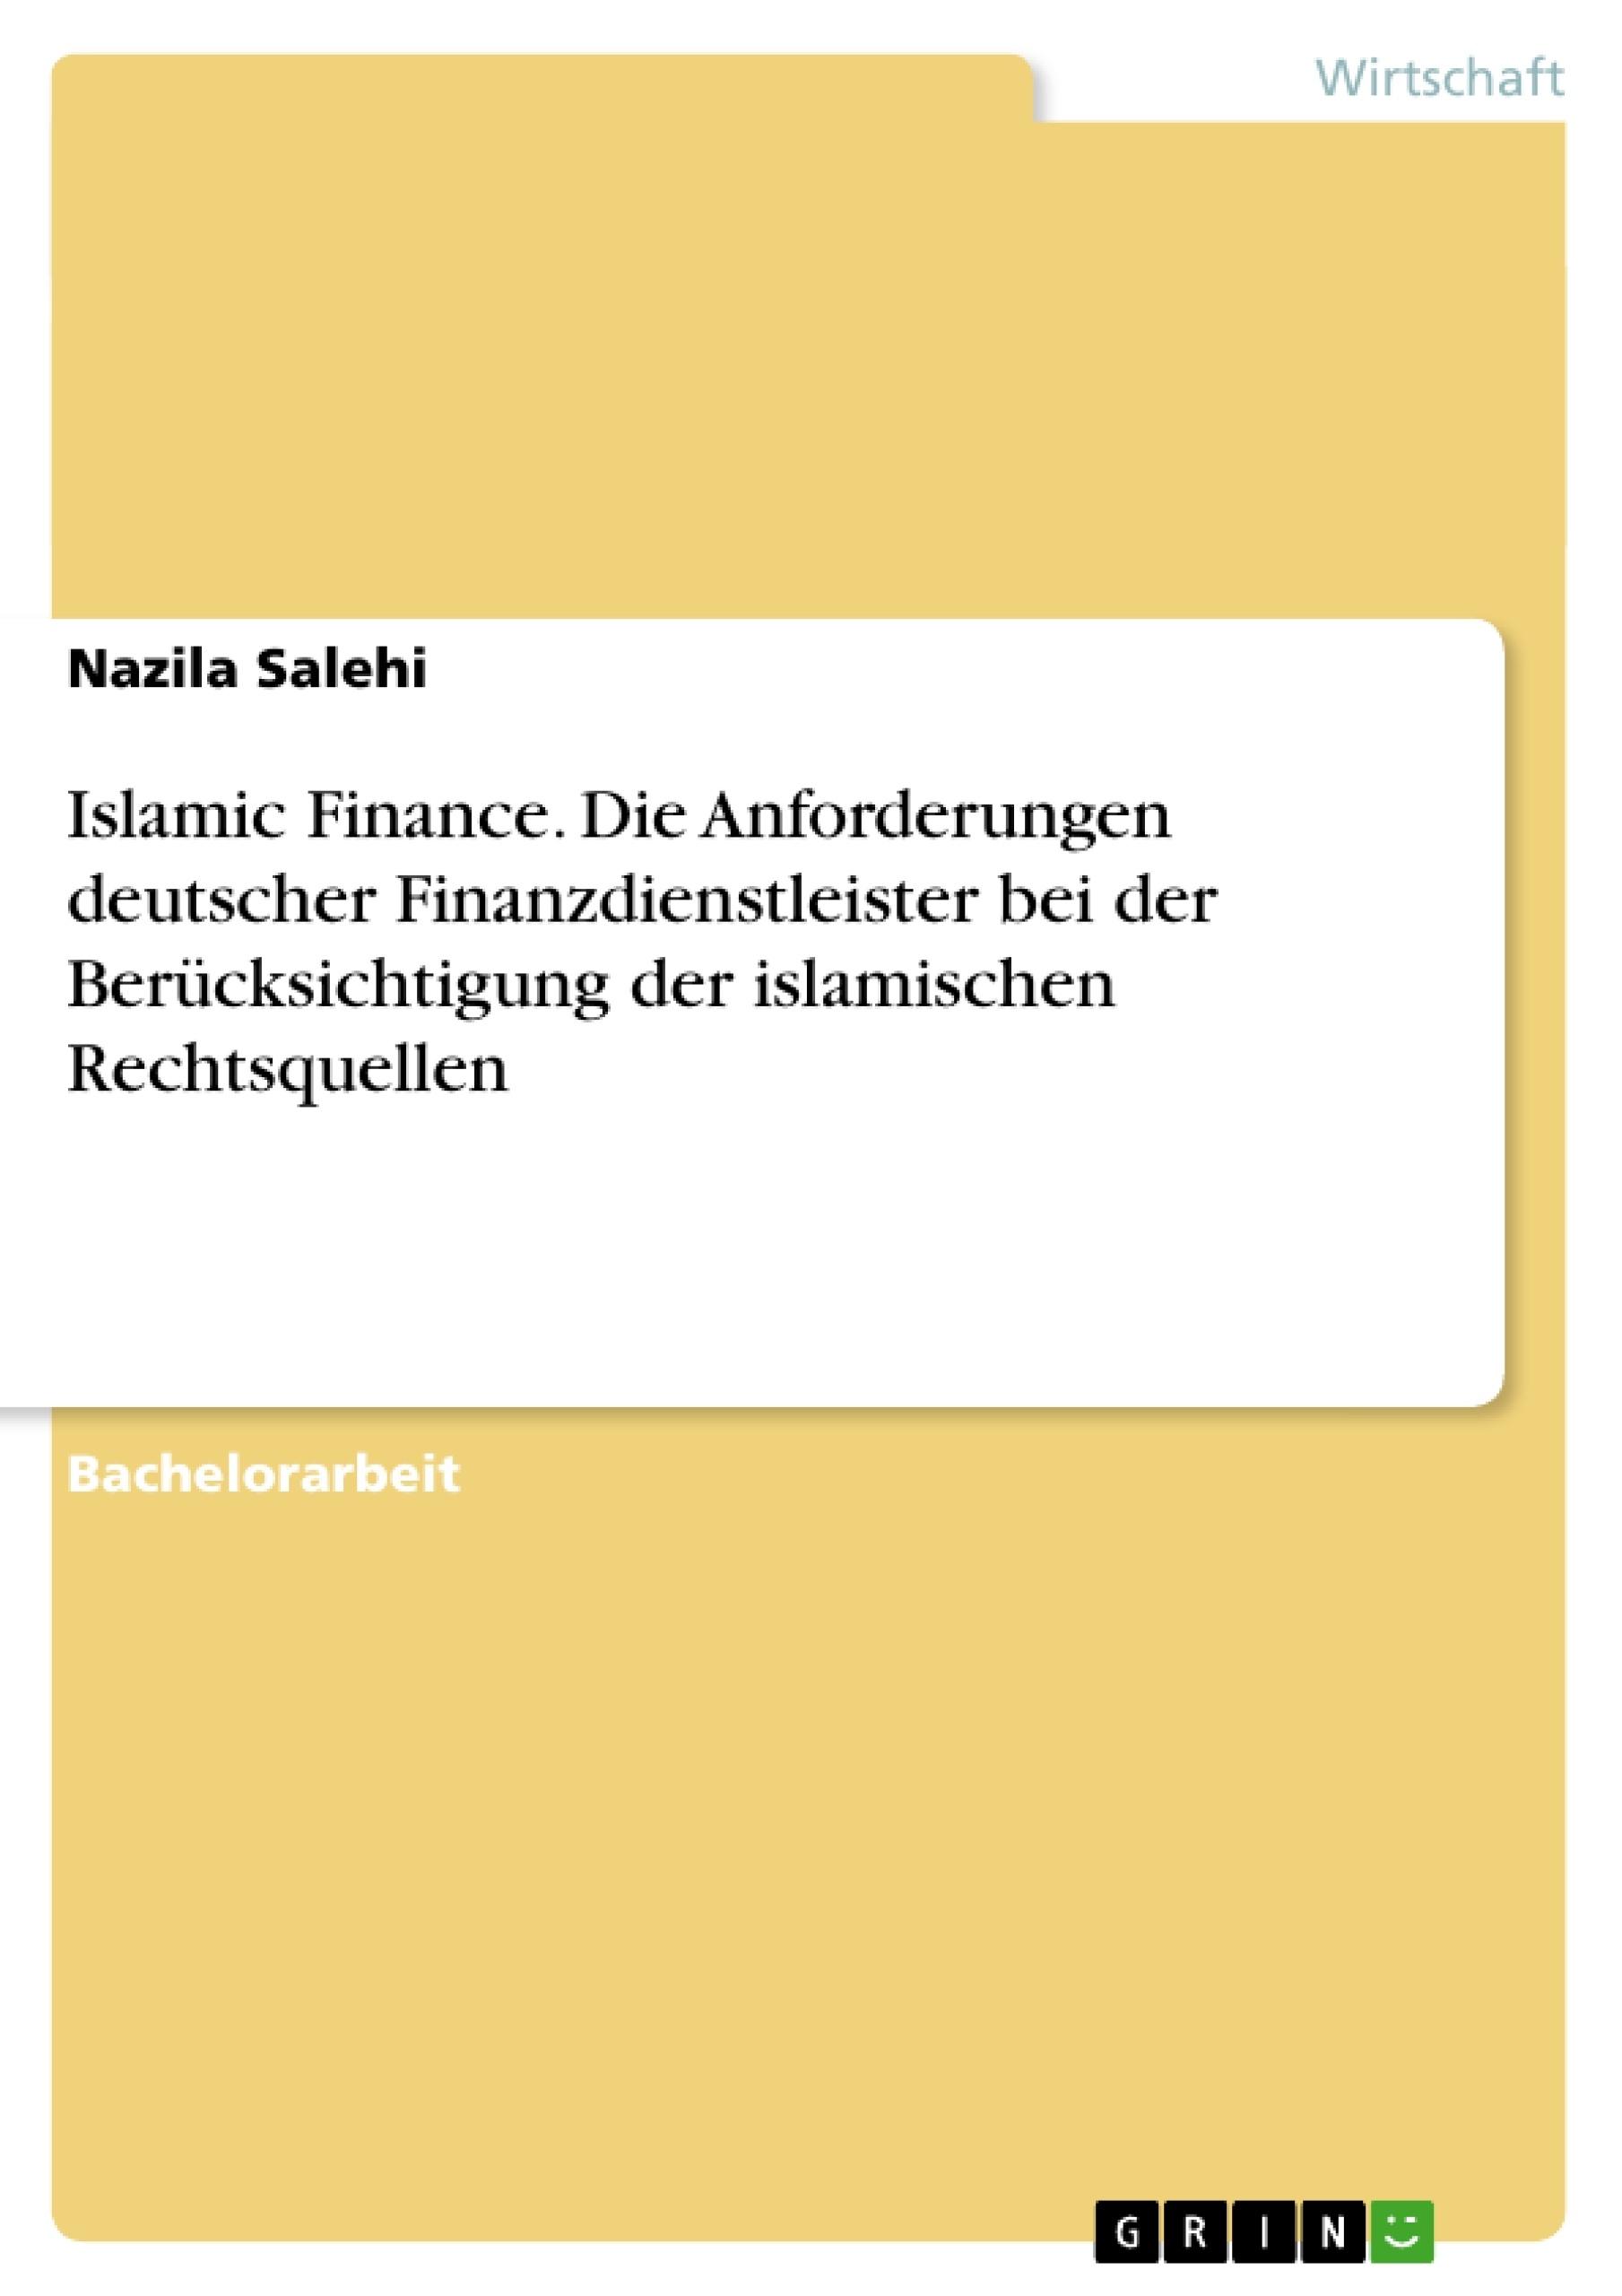 Titel: Islamic Finance. Die Anforderungen deutscher Finanzdienstleister bei der Berücksichtigung der islamischen Rechtsquellen